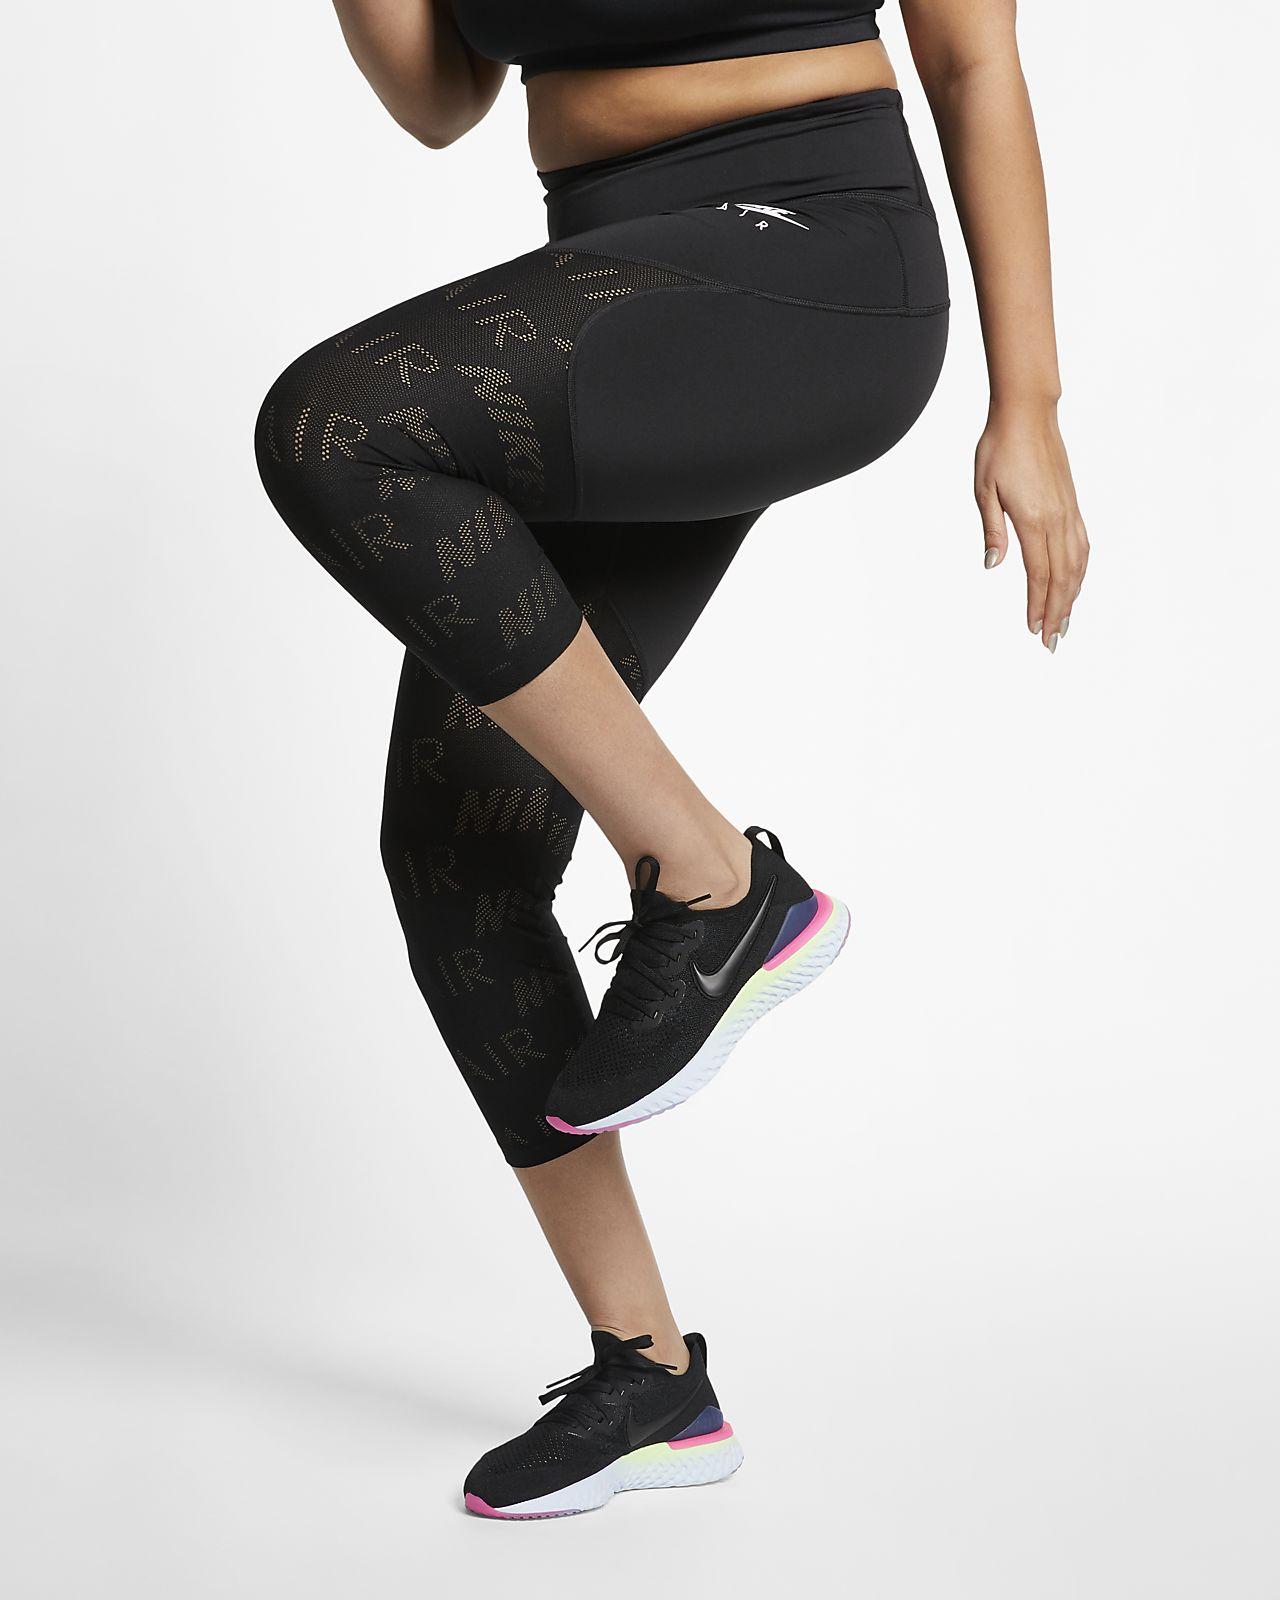 Nike Air Fast Malles de tres quarts de running (talles grans) - Dona